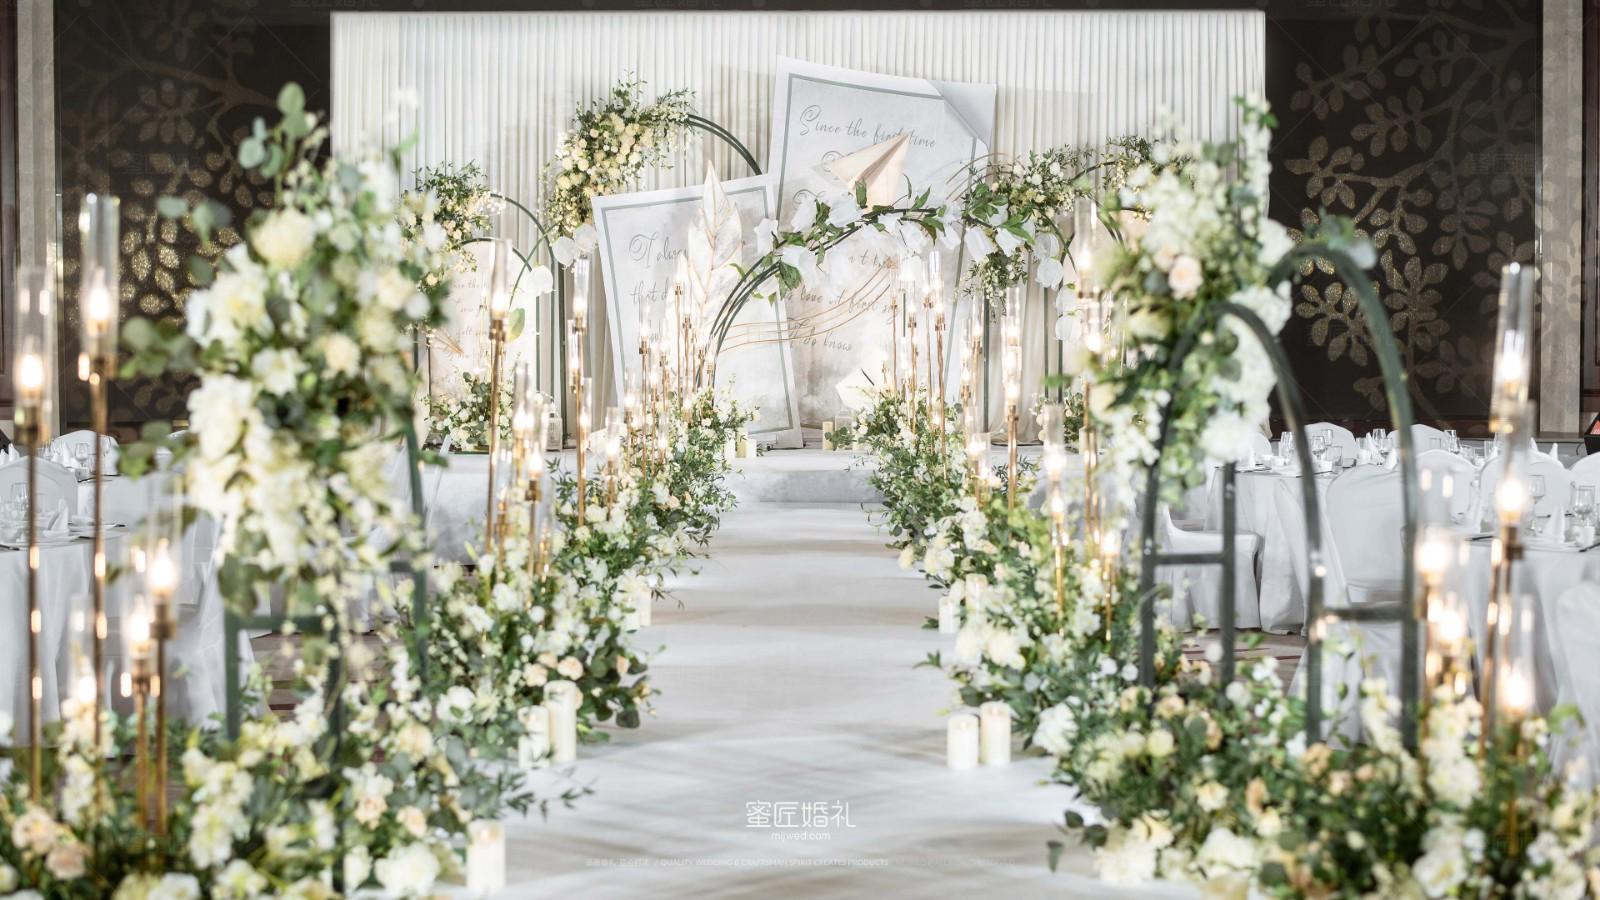 衡阳怀旧复古婚礼布置 衡阳复古婚礼布置主题